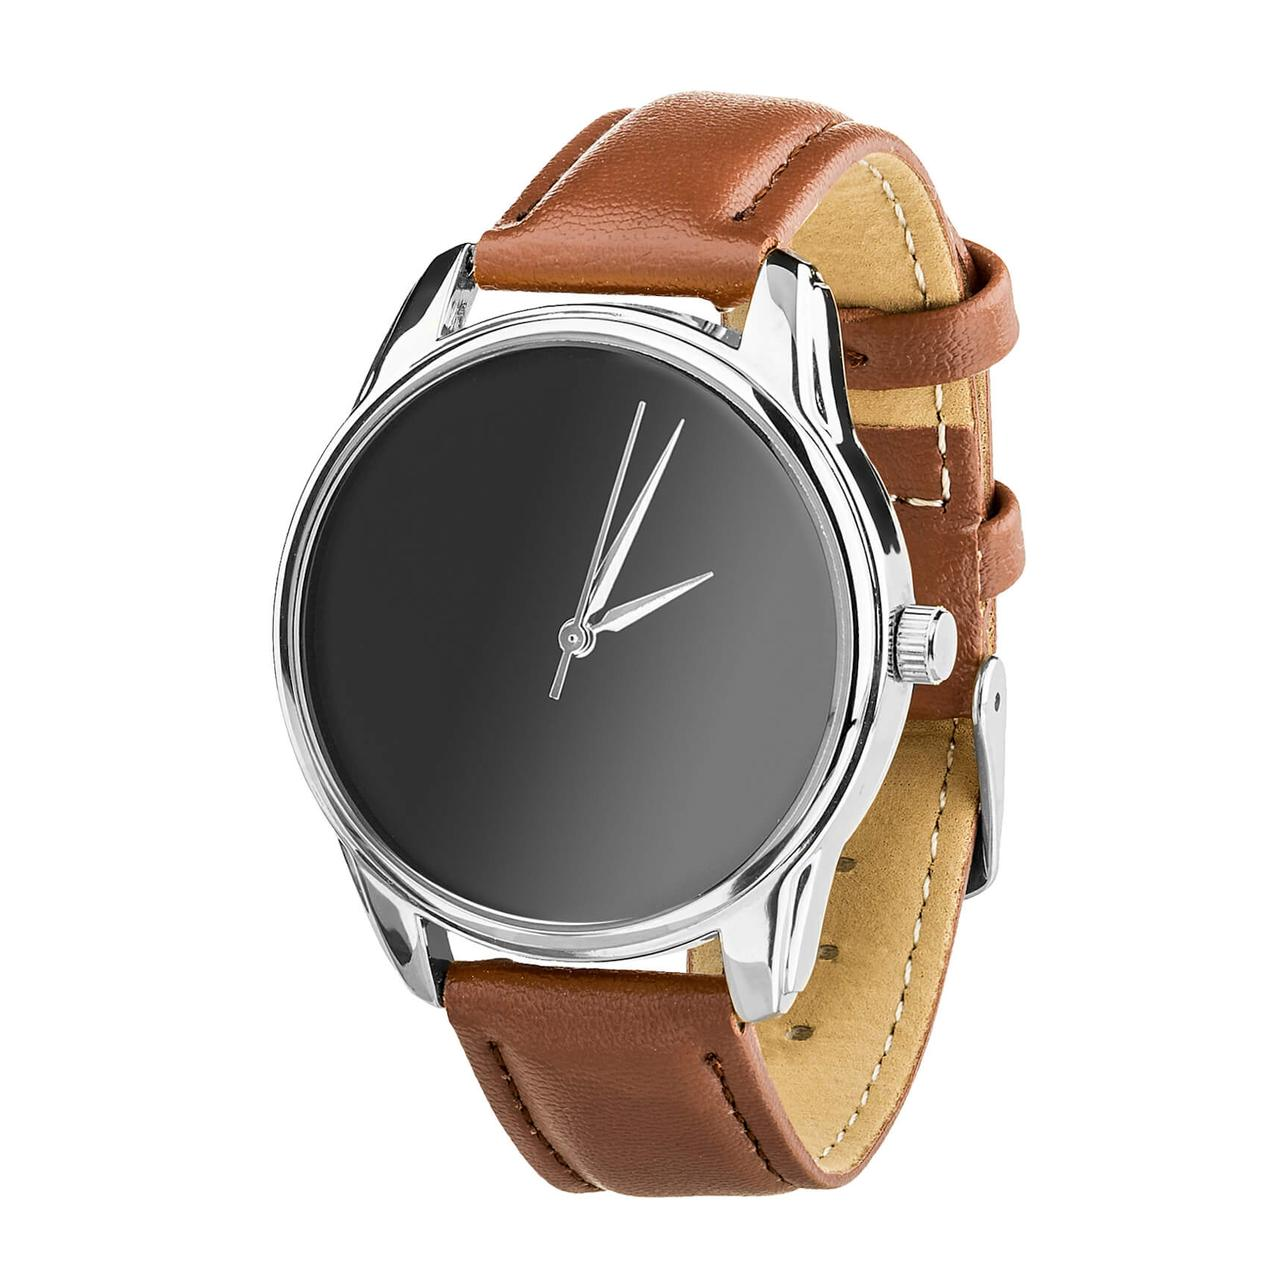 Годинник ZIZ Мінімалізм чорний (ремінець кавово - шоколадний, срібло) + додатковий ремінець